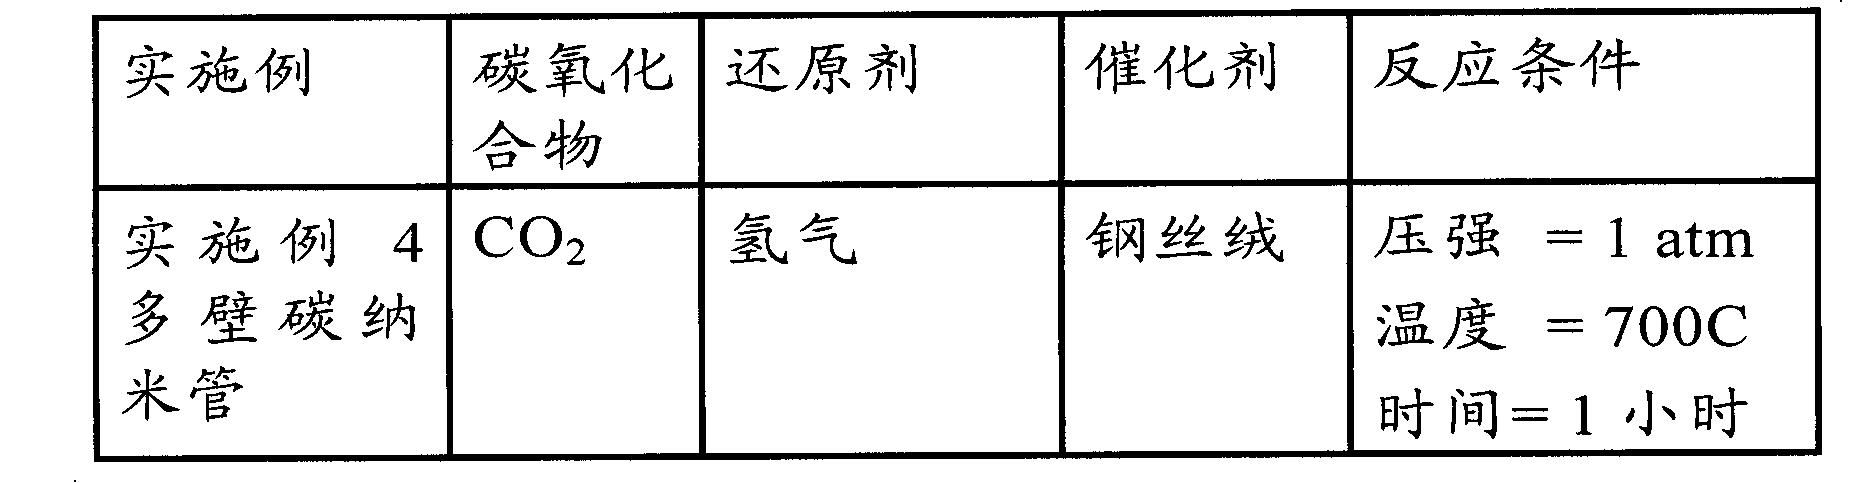 Figure CN102459727BD00253